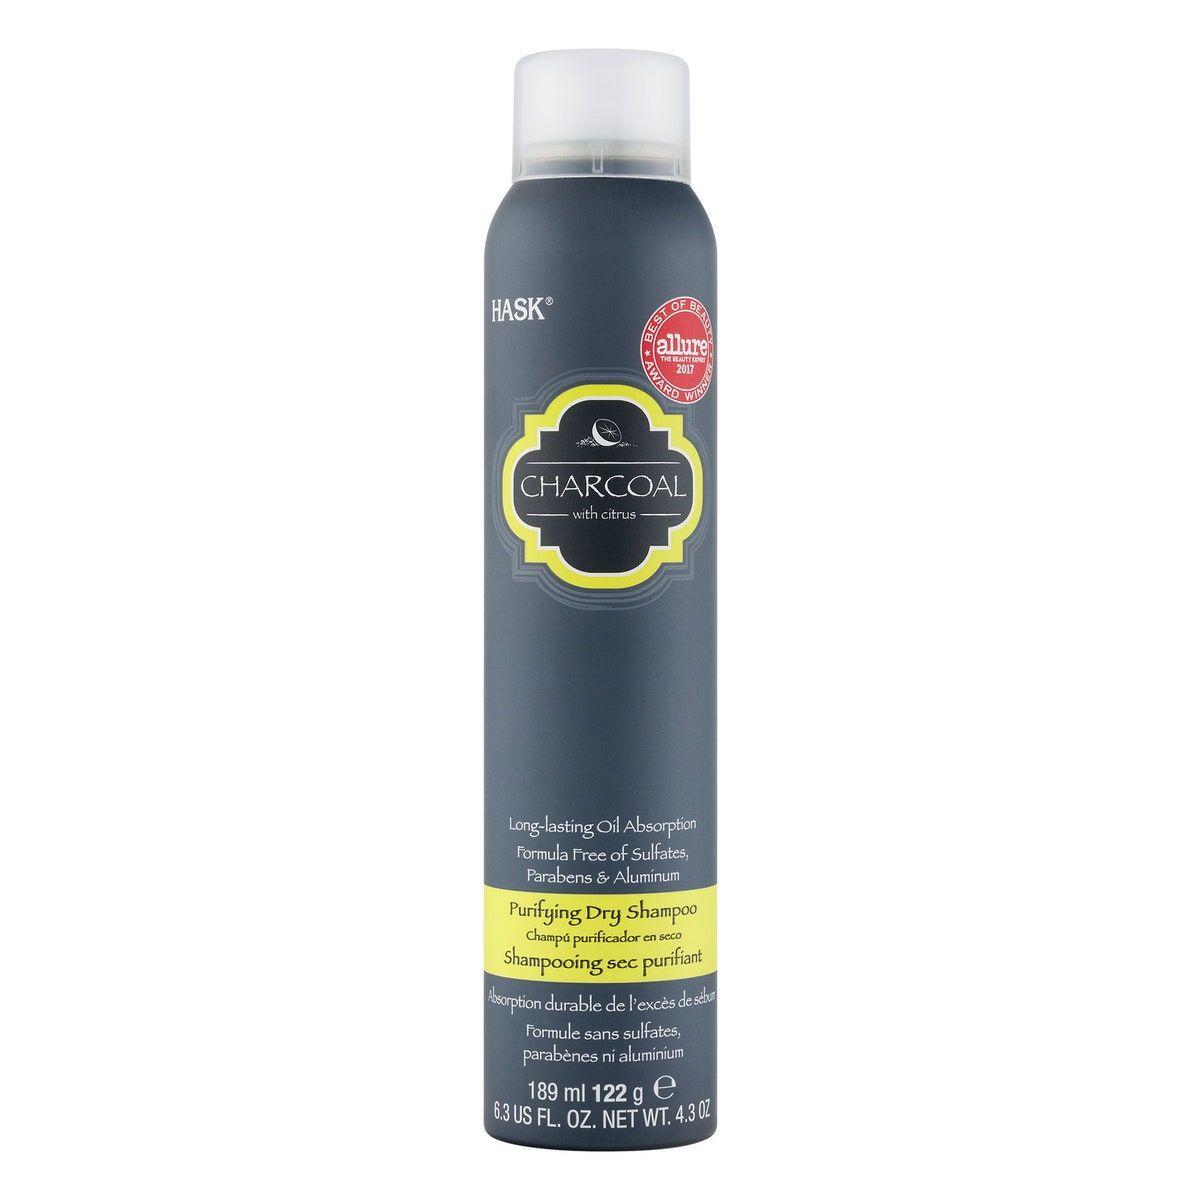 Hask Charcoal Purifying Dry Shampoo Dry Shampoo Good Dry Shampoo Shampoo